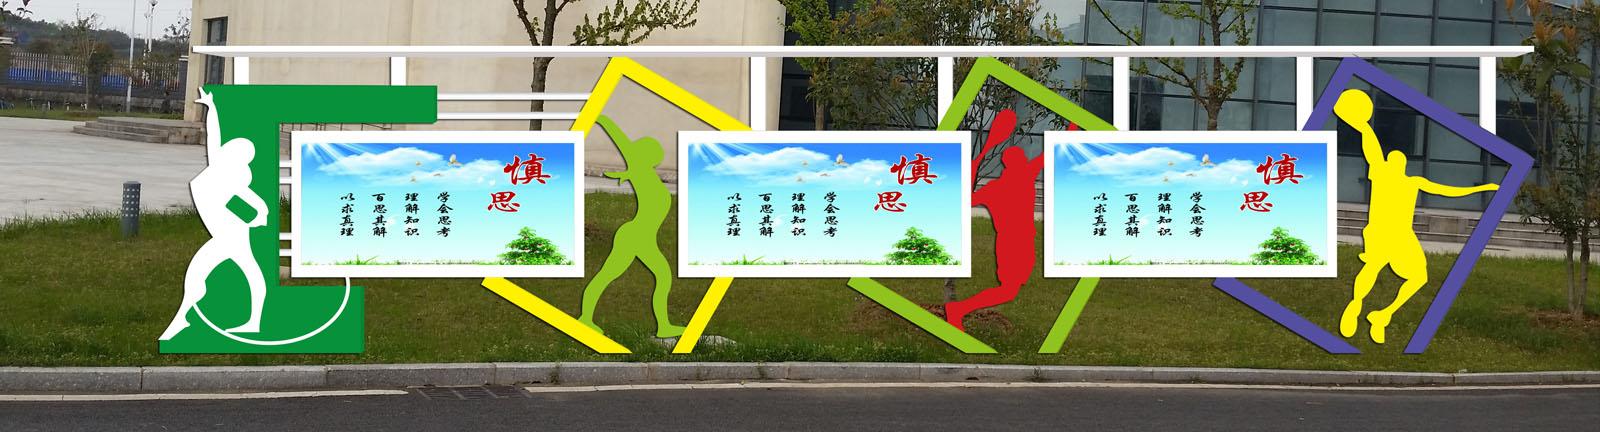 潍坊公交候车亭